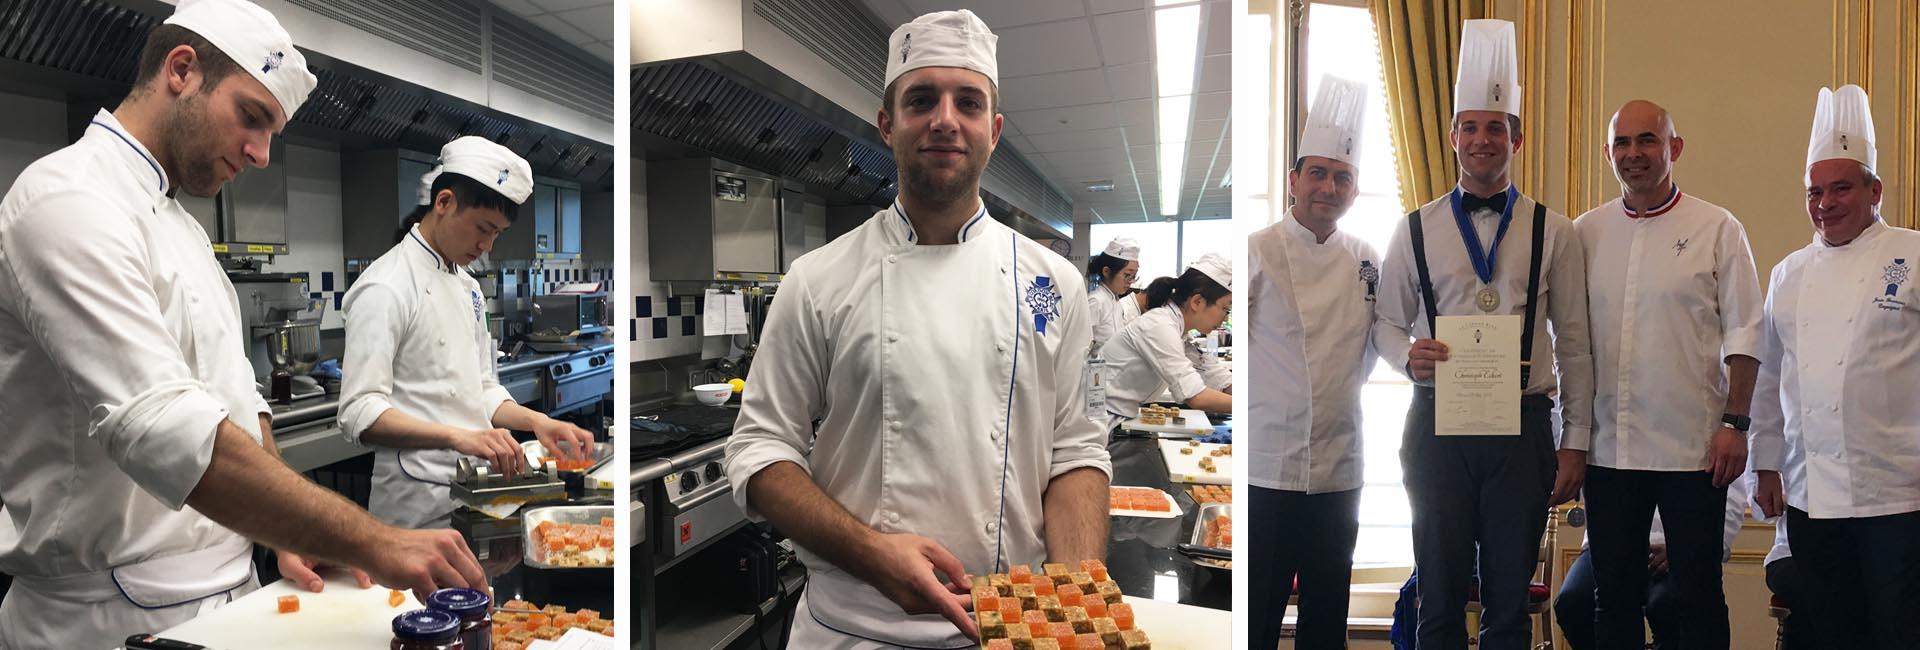 Christoph Eckert étudiant pâtisserie Le Cordon Bleu Paris